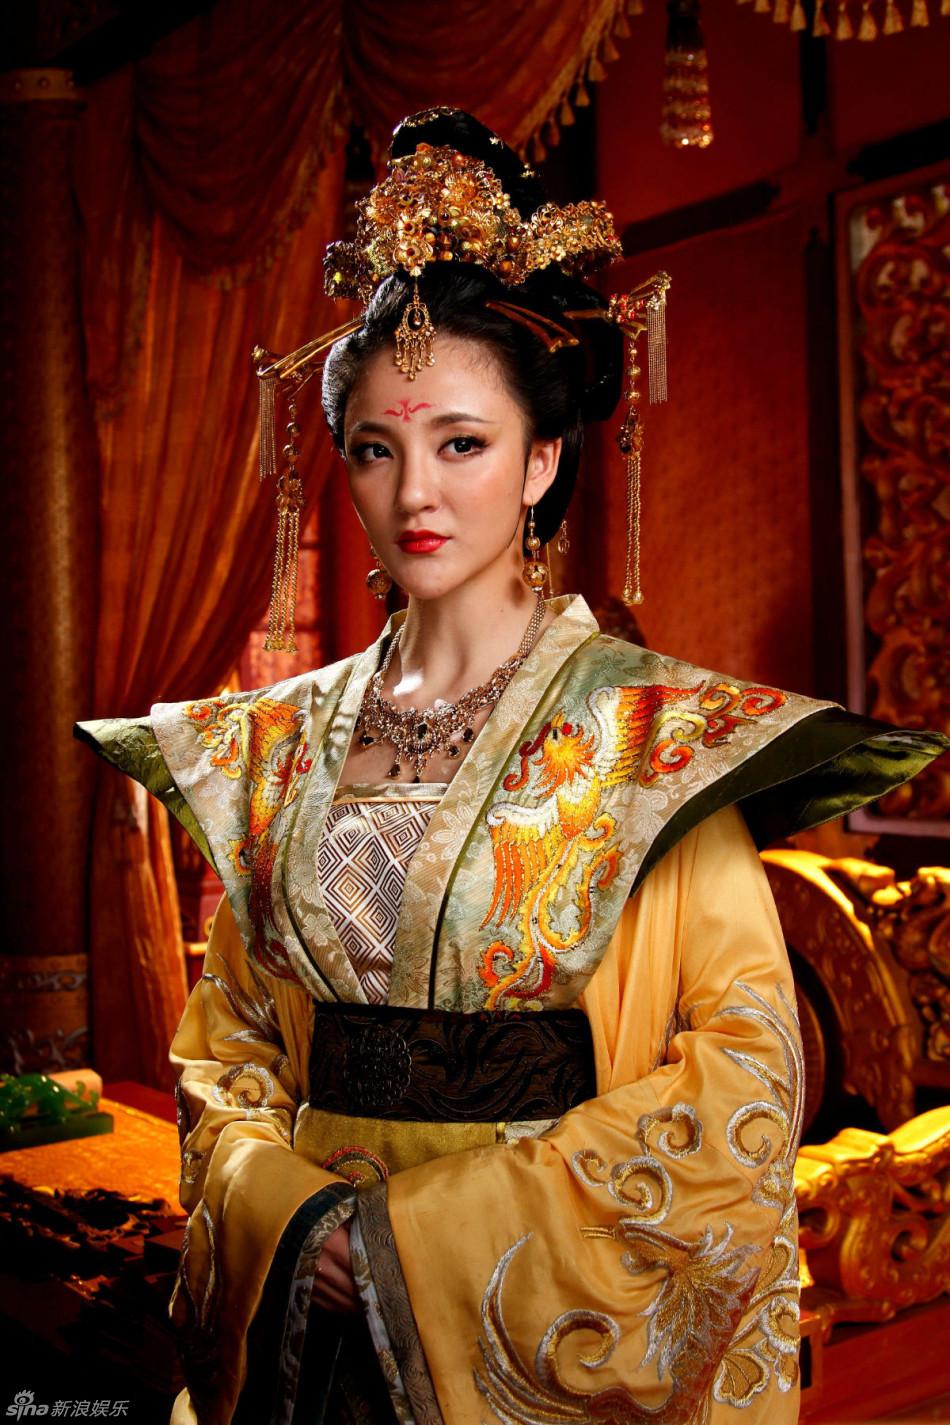 《太平公主秘史》刘雨欣版武则天